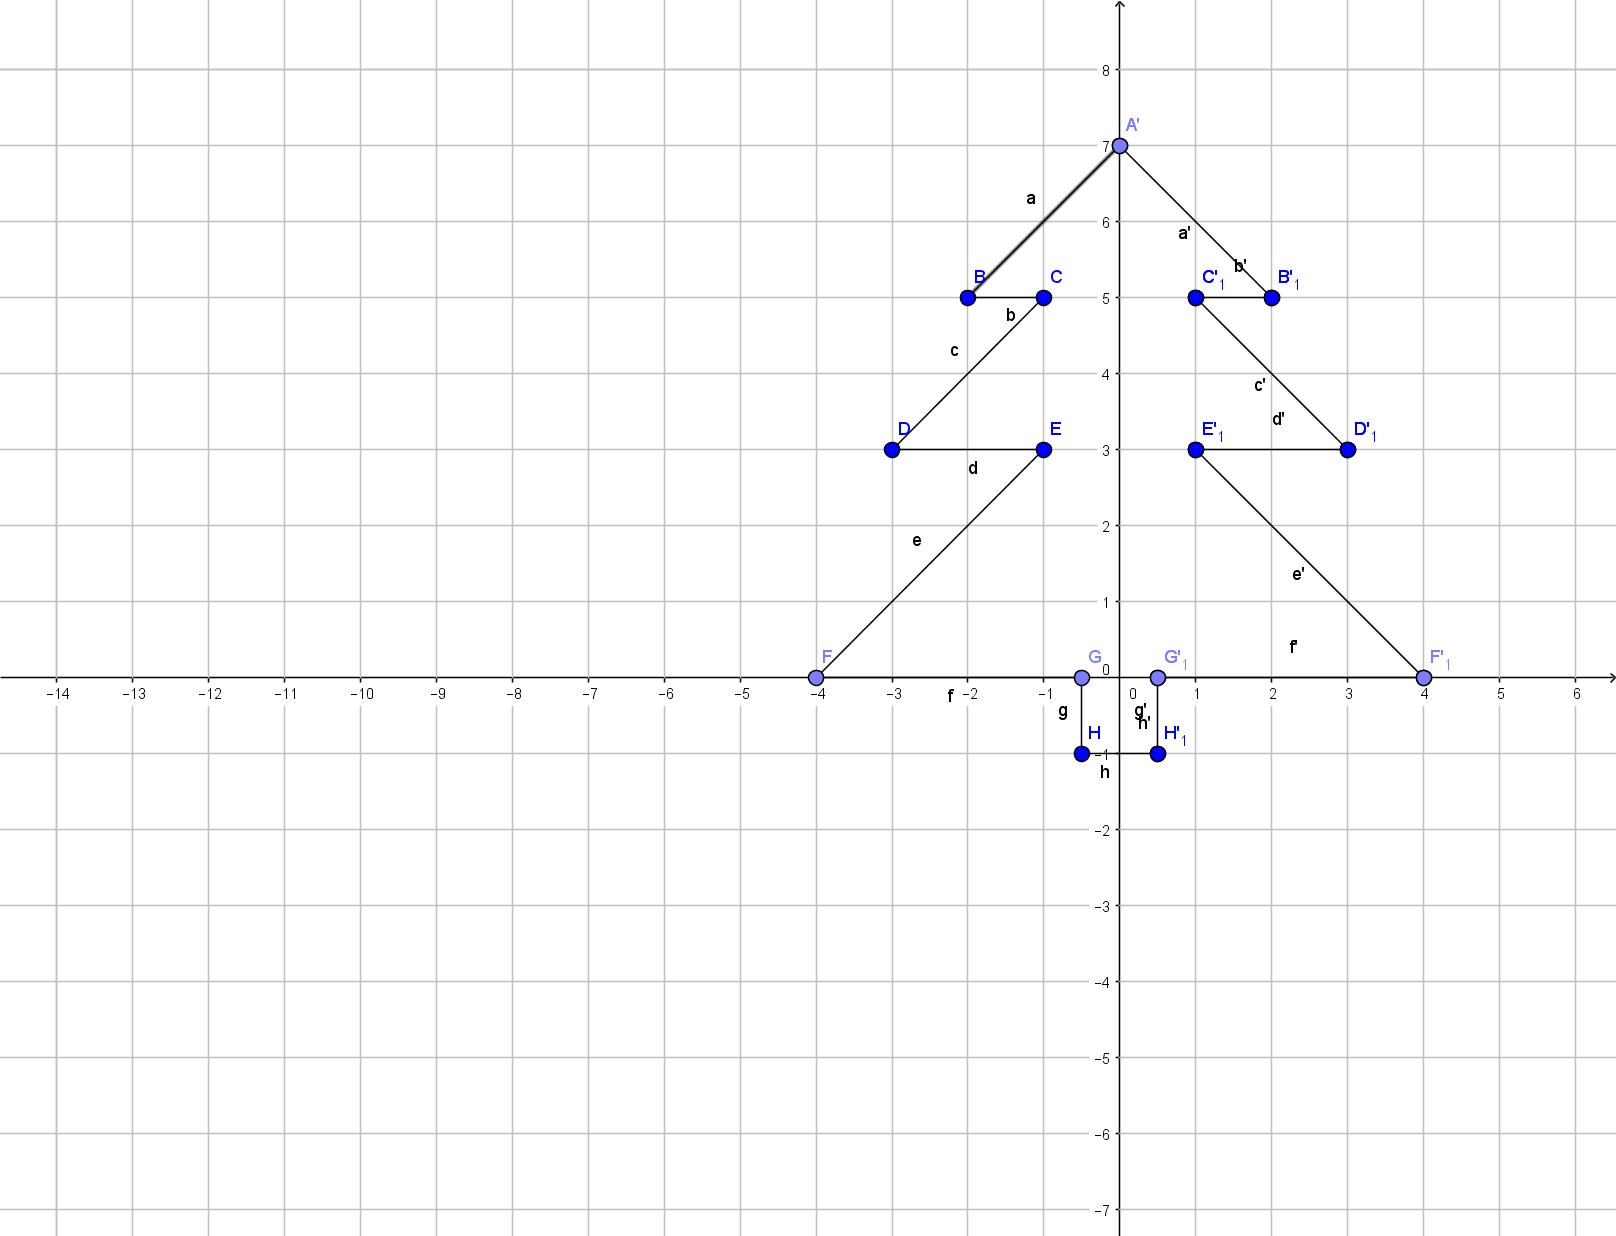 Matematyka A Boże Narodzenie Centralne Repozytorium Treści